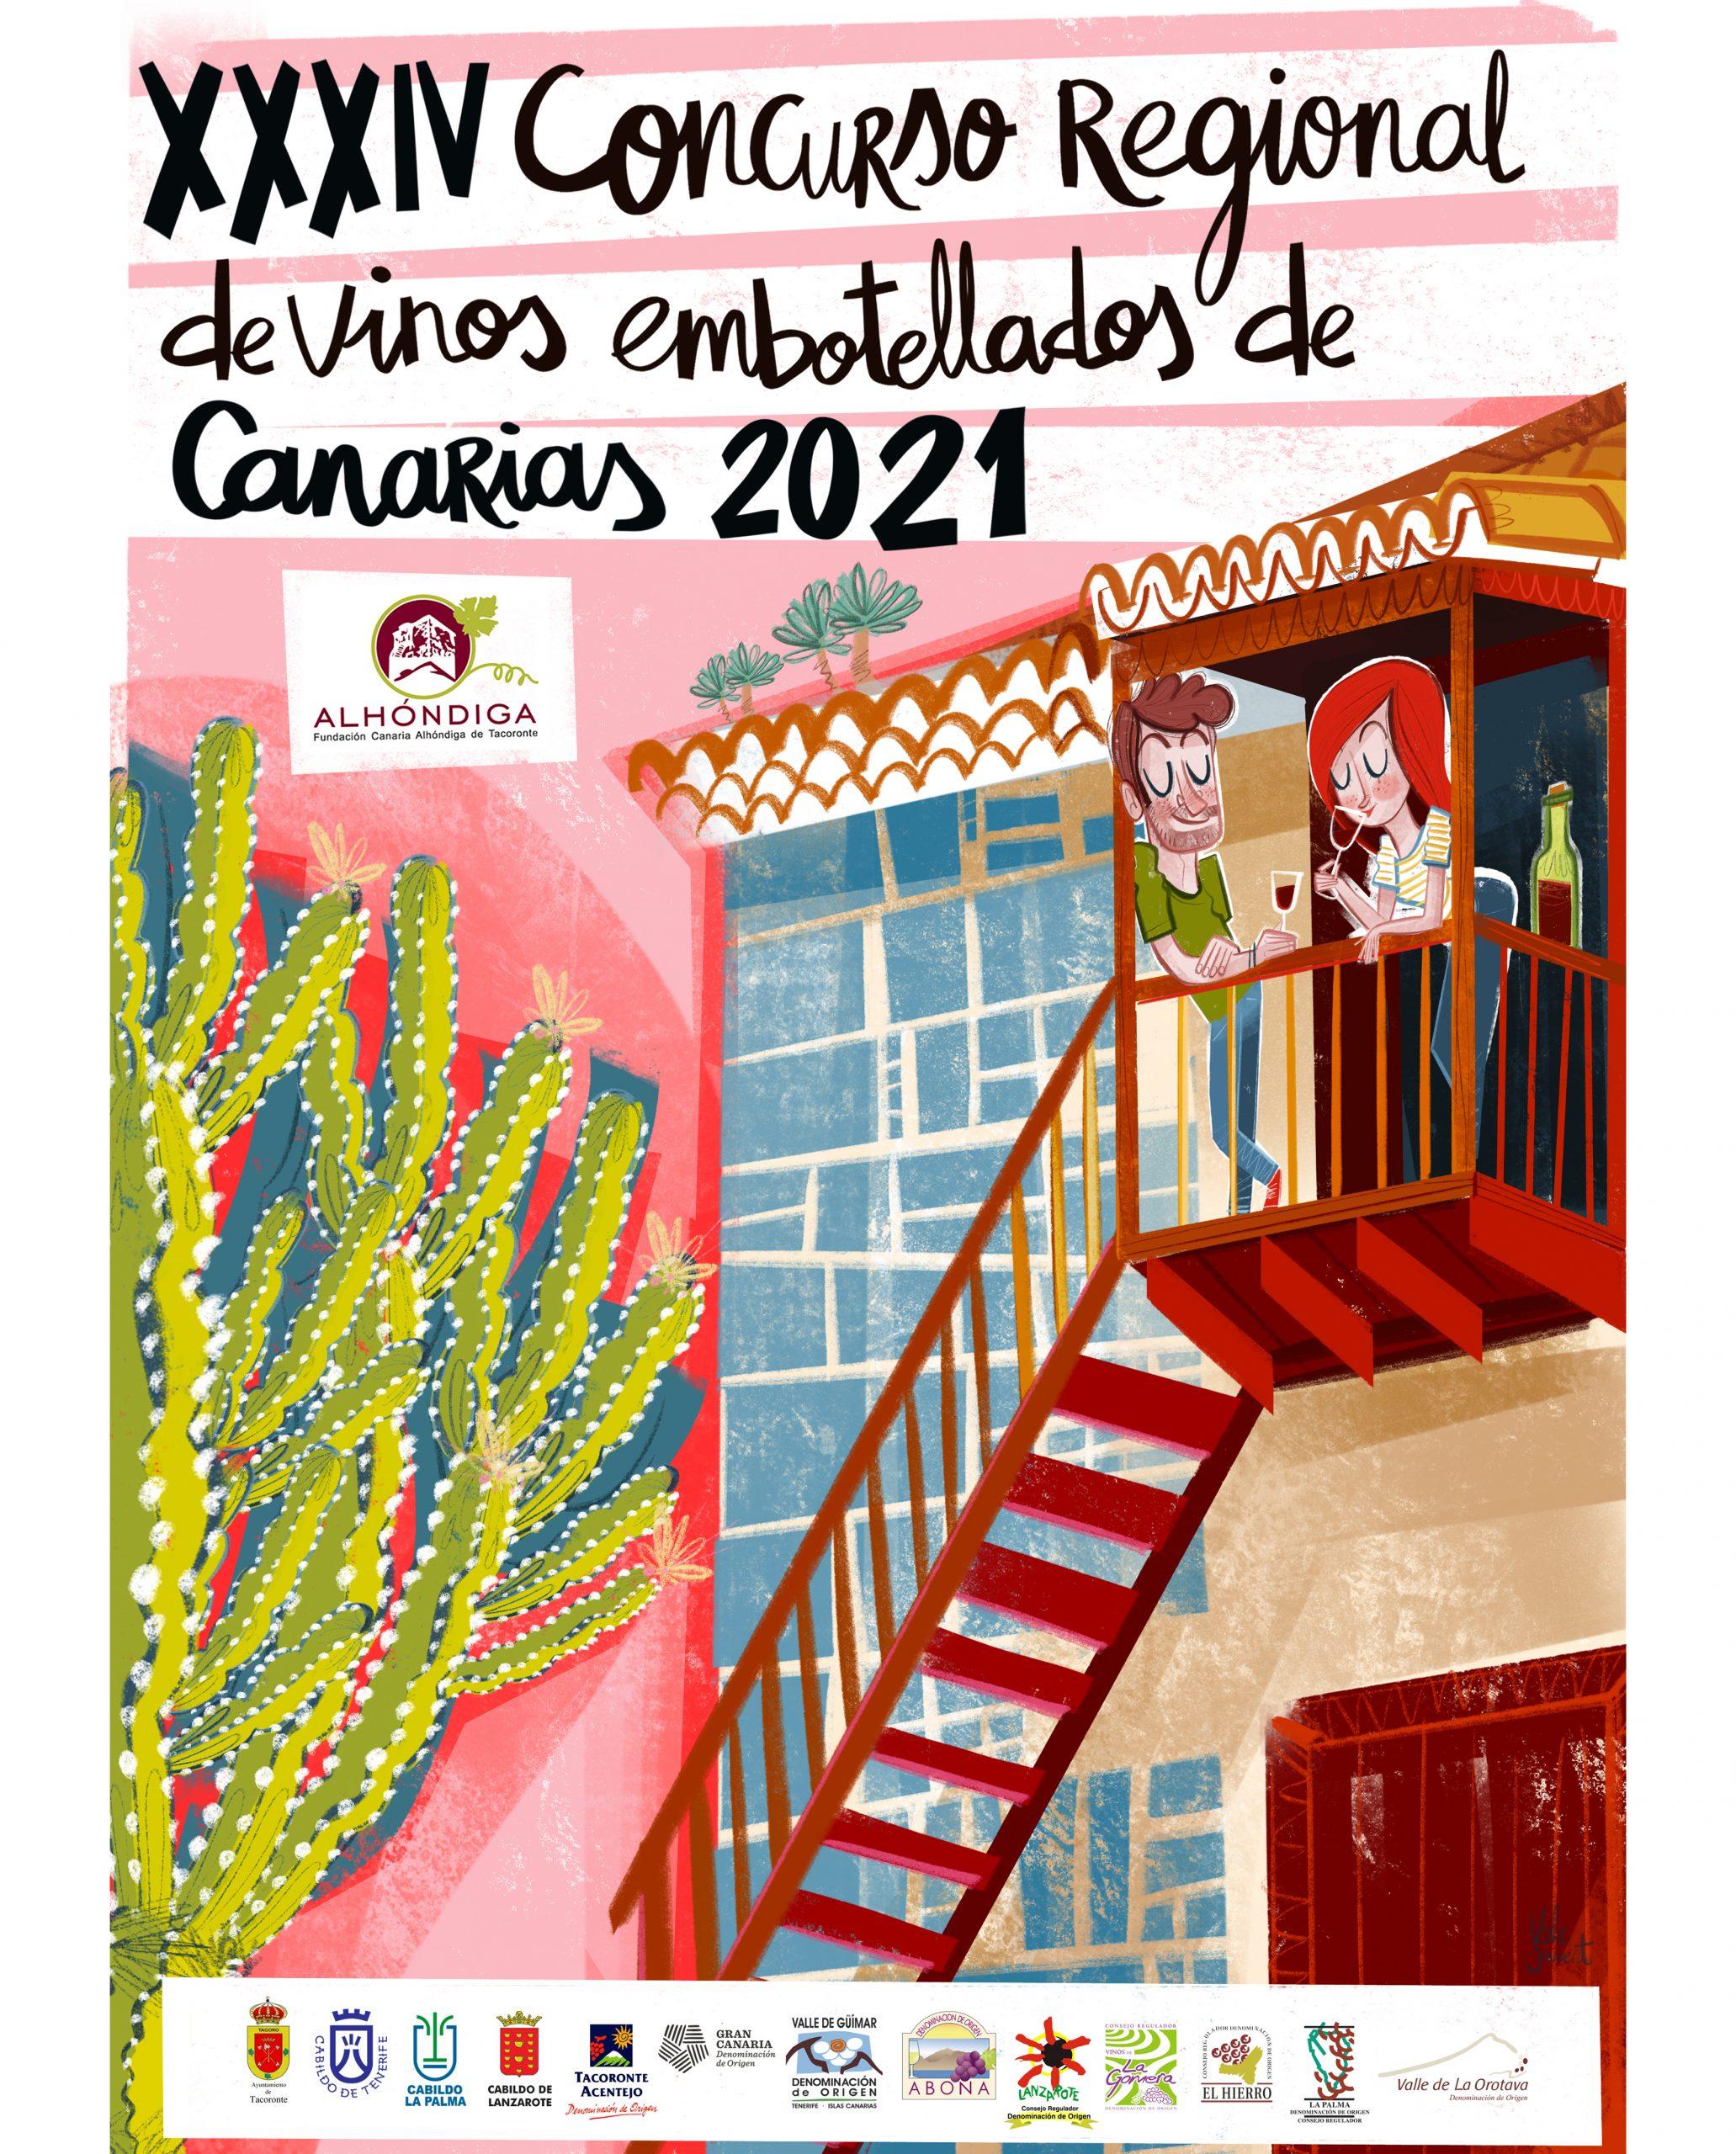 XXXIV CONCURSO REGIONAL DE VINOS EMBOTELLADOS DE CANARIAS ALHÓNDIGA